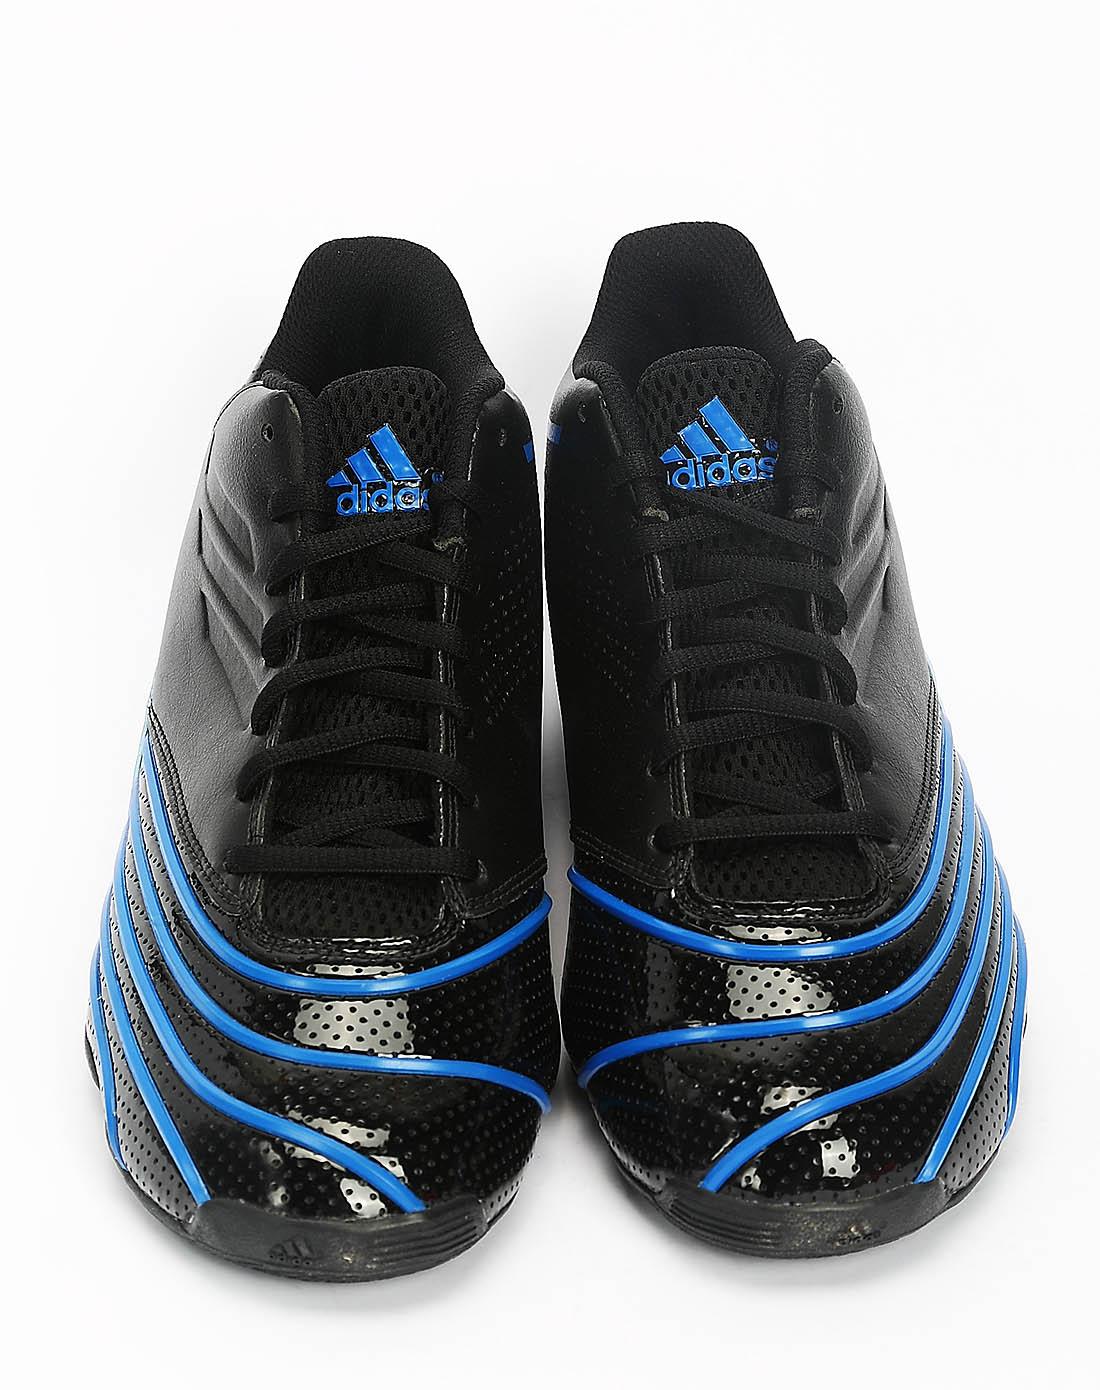 阿迪达斯adidas男女鞋男子黑色篮球鞋g20212